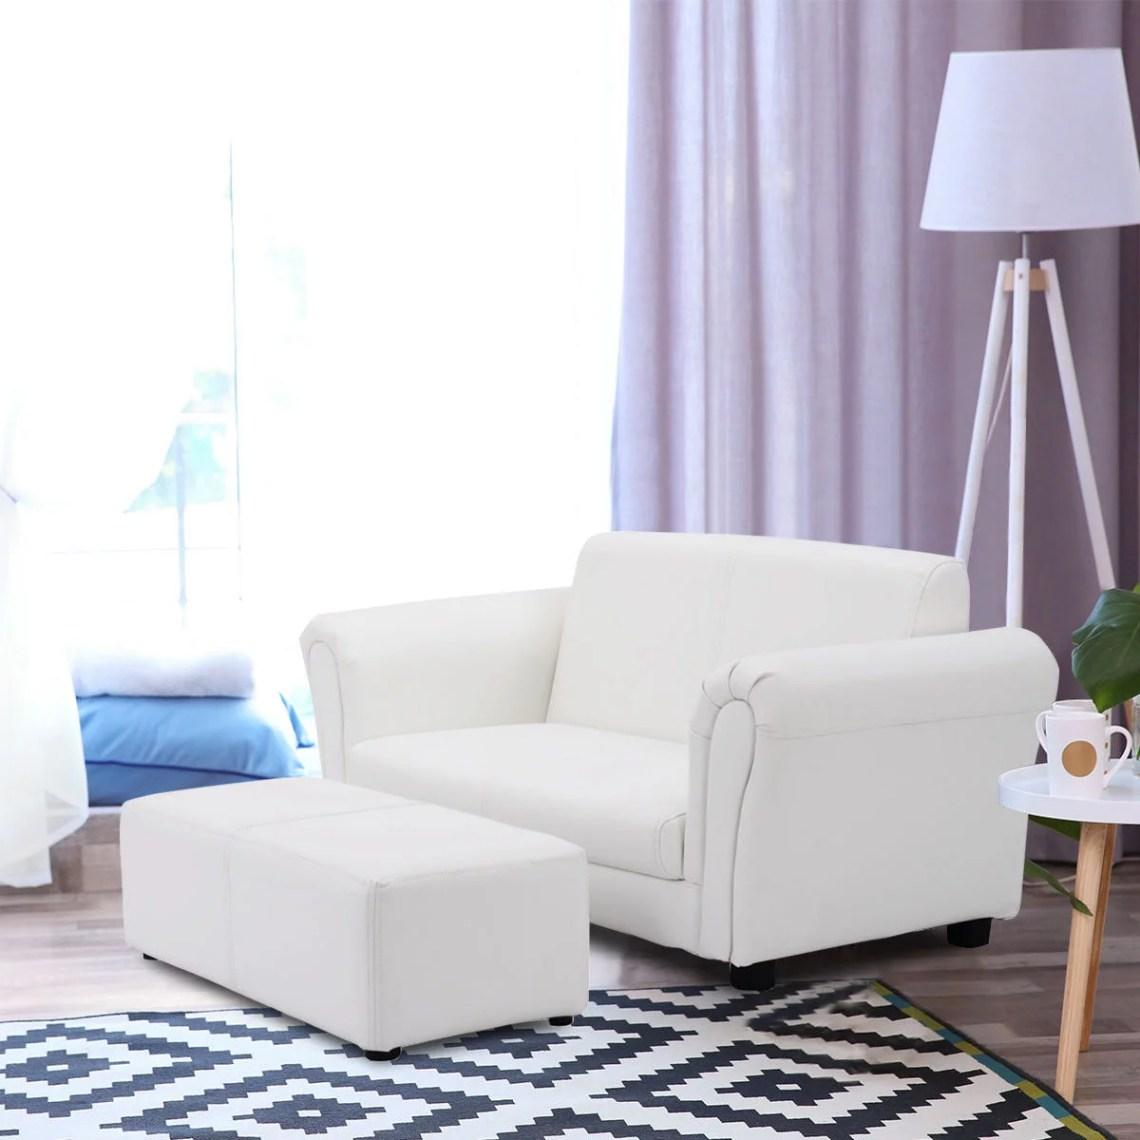 Kids Sofa Armrest Chair Couch Lounge Children Birthday Gift W Ottoman White Walmart Canada